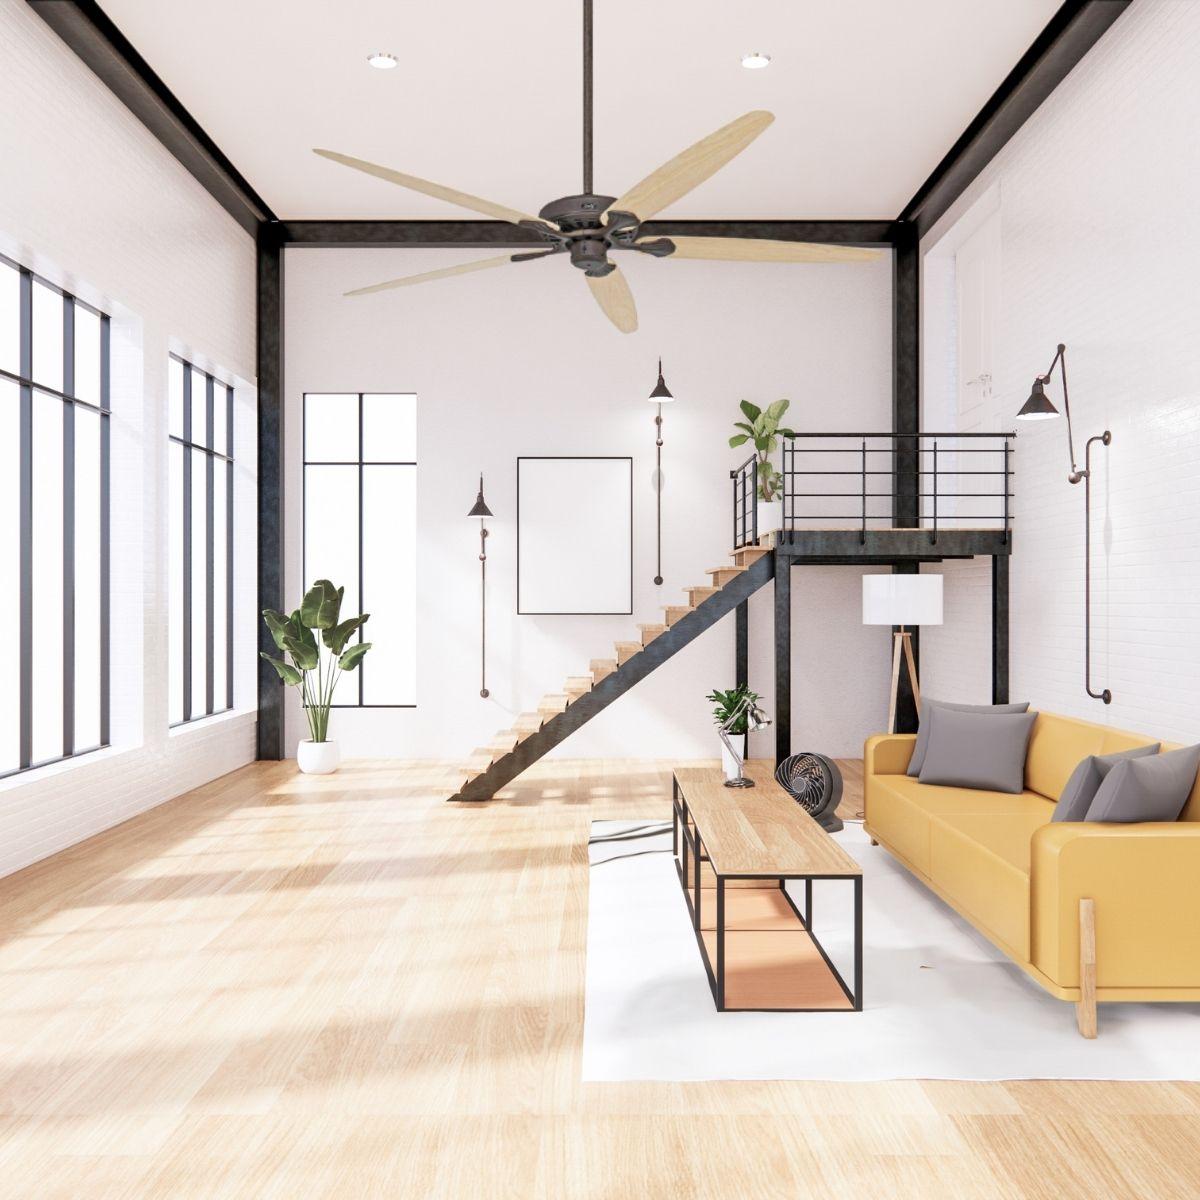 ventilateur plafond royal classic casafan